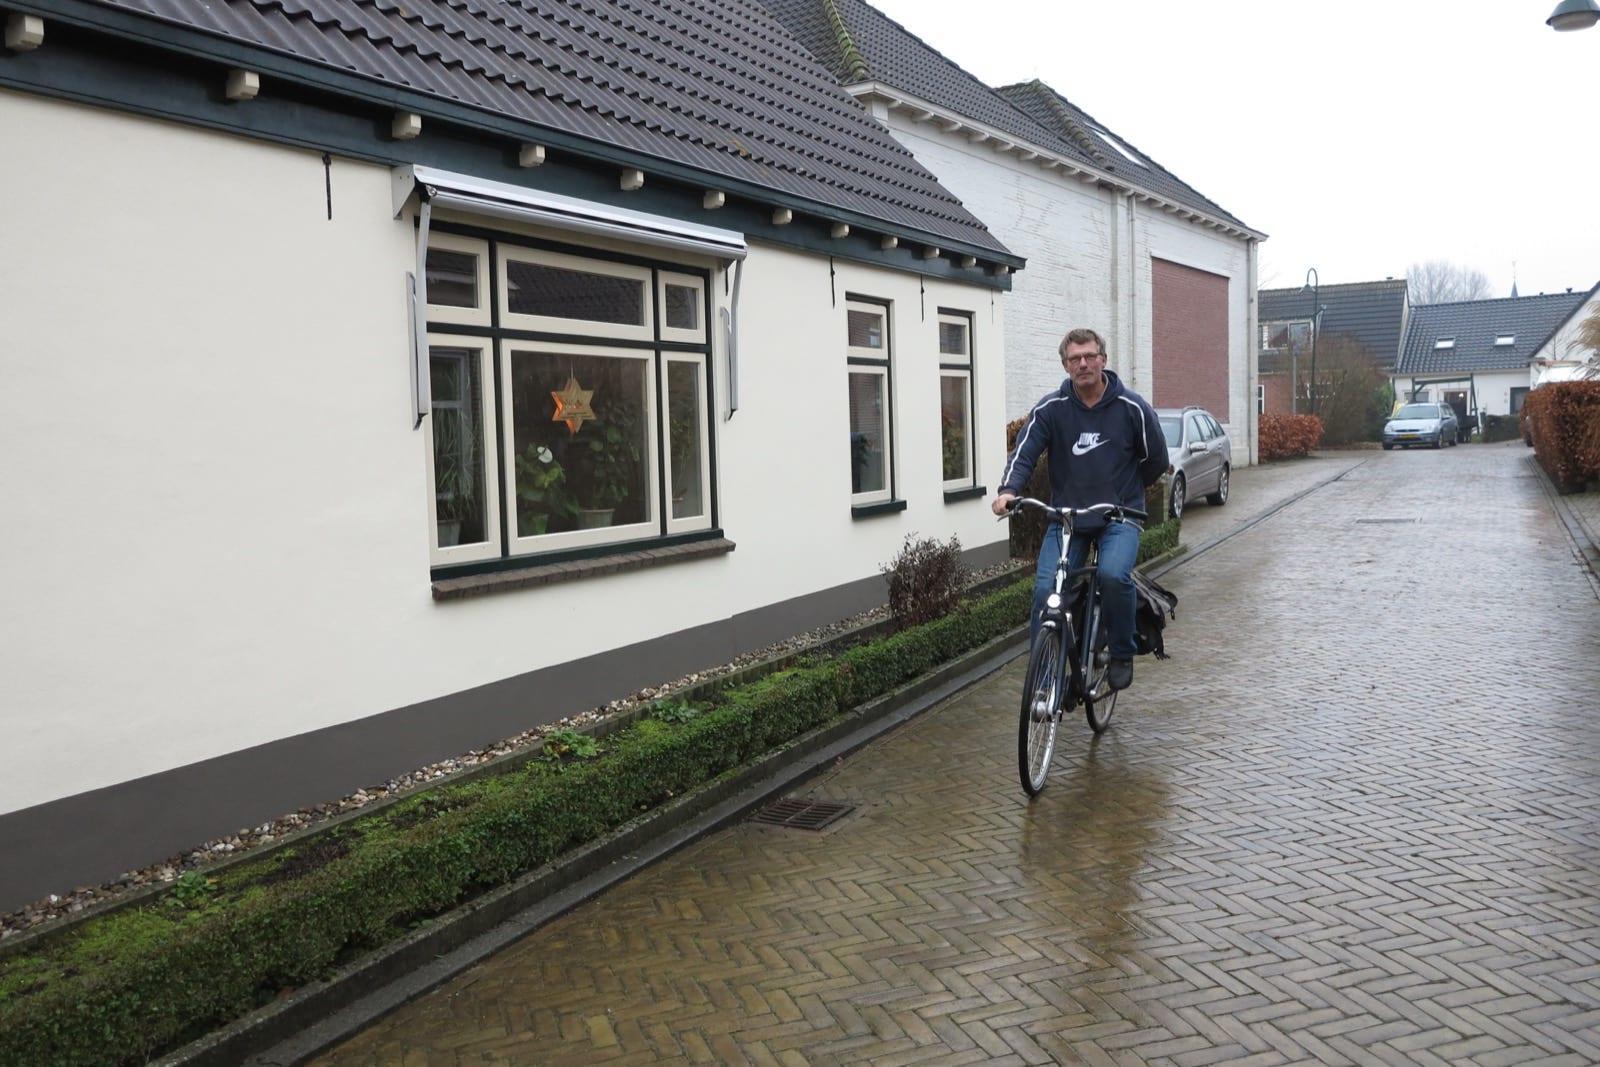 et-fiets-en-fietser-120-koos-vd-belt-zonder-jas,-met-hand-op-de-rug-oi.jpg